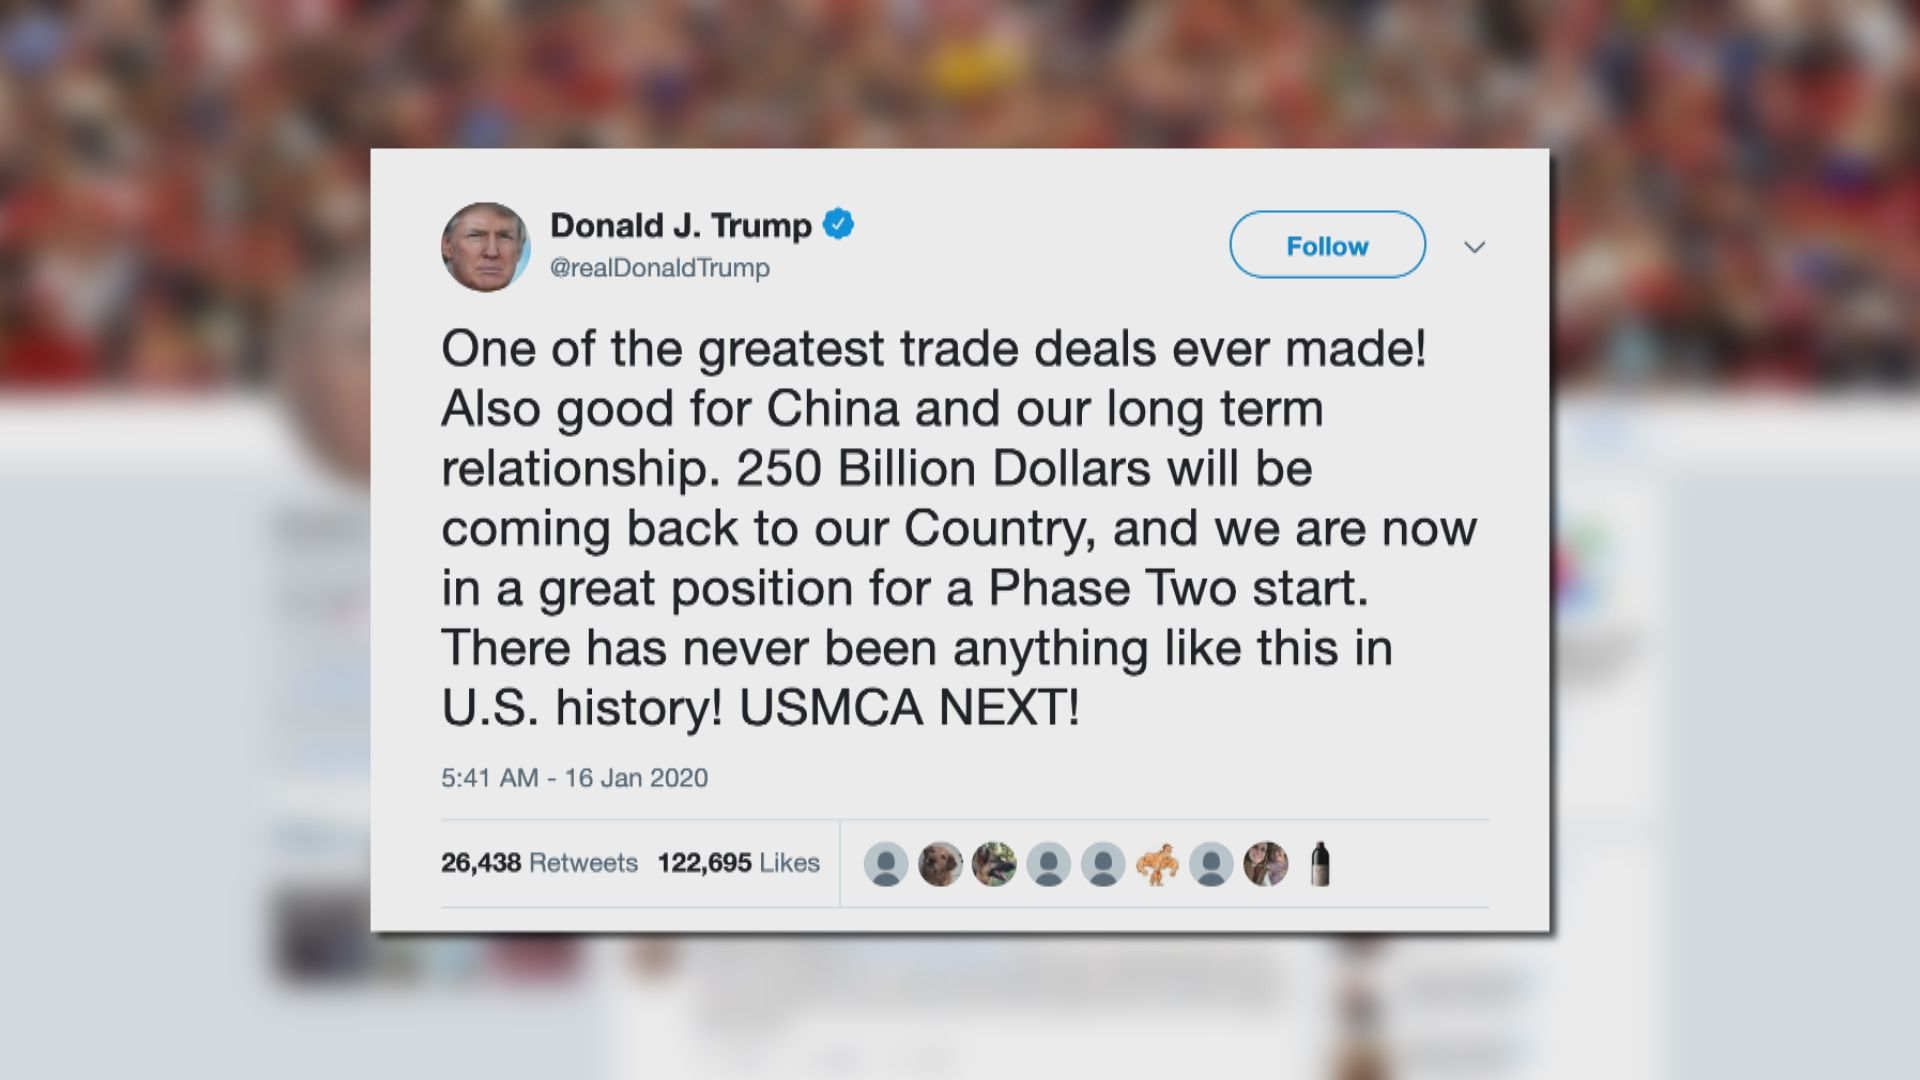 特朗普:美國現處於啟動次階段中美貿談有利位置